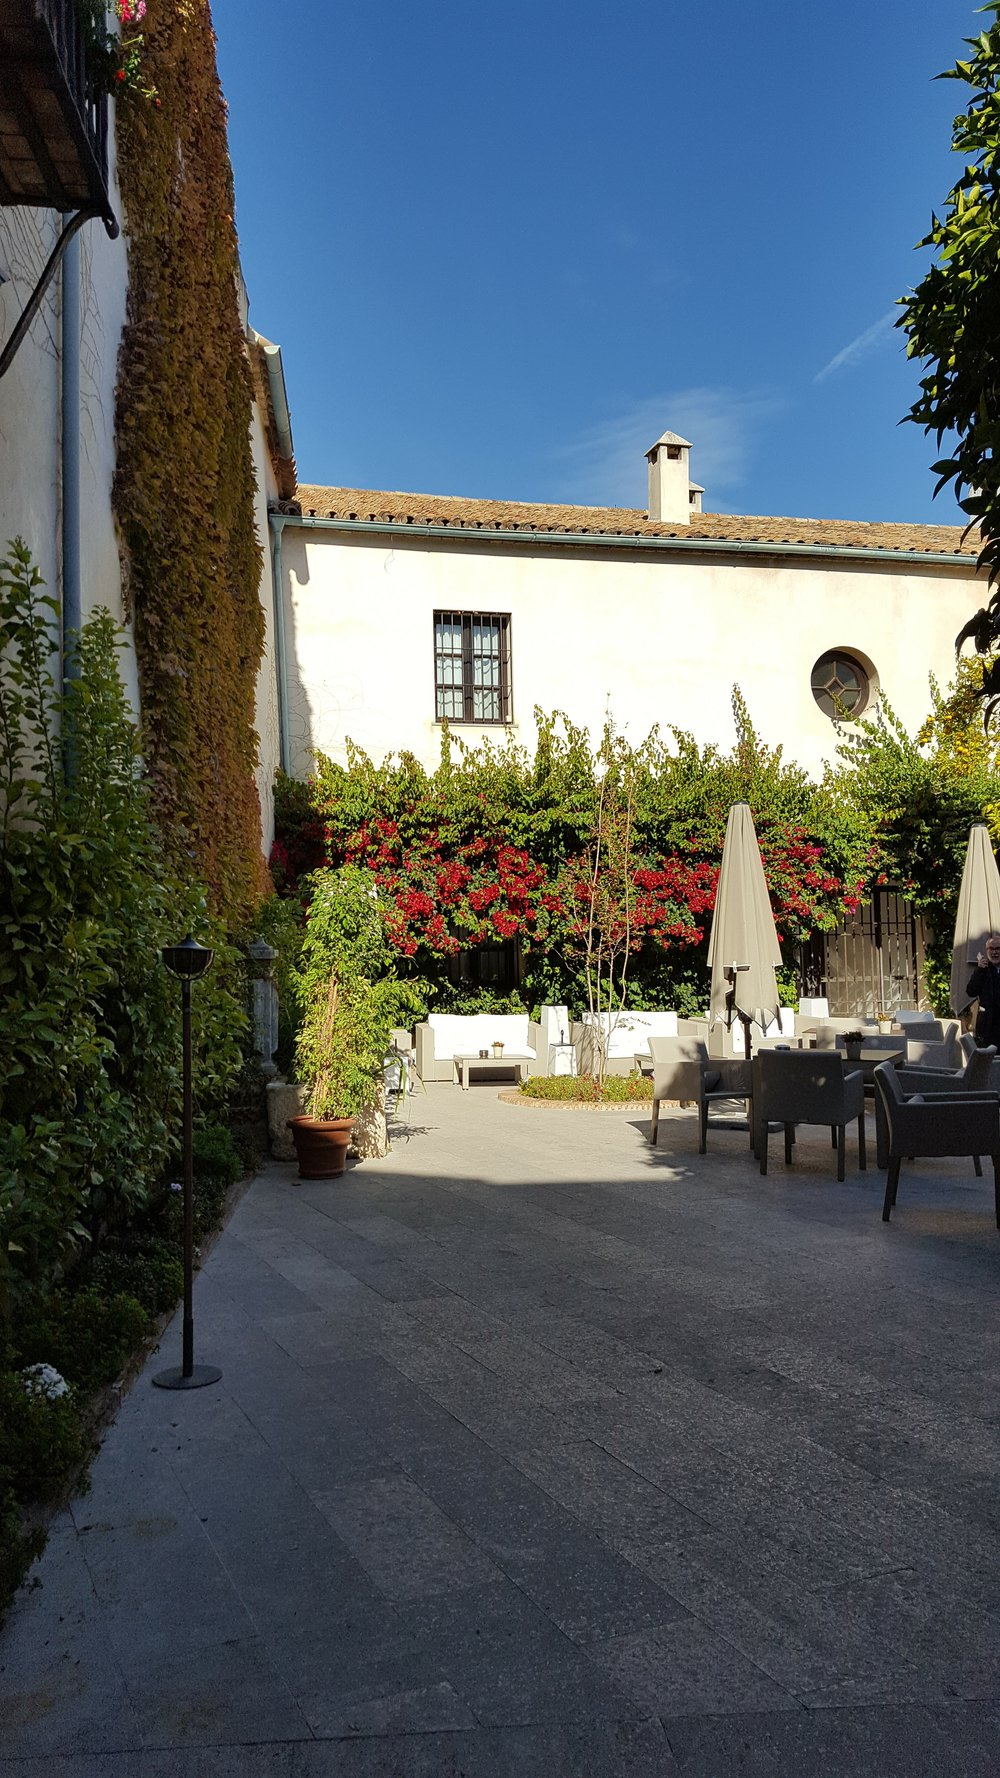 Hospes del Bailío in Córdoba